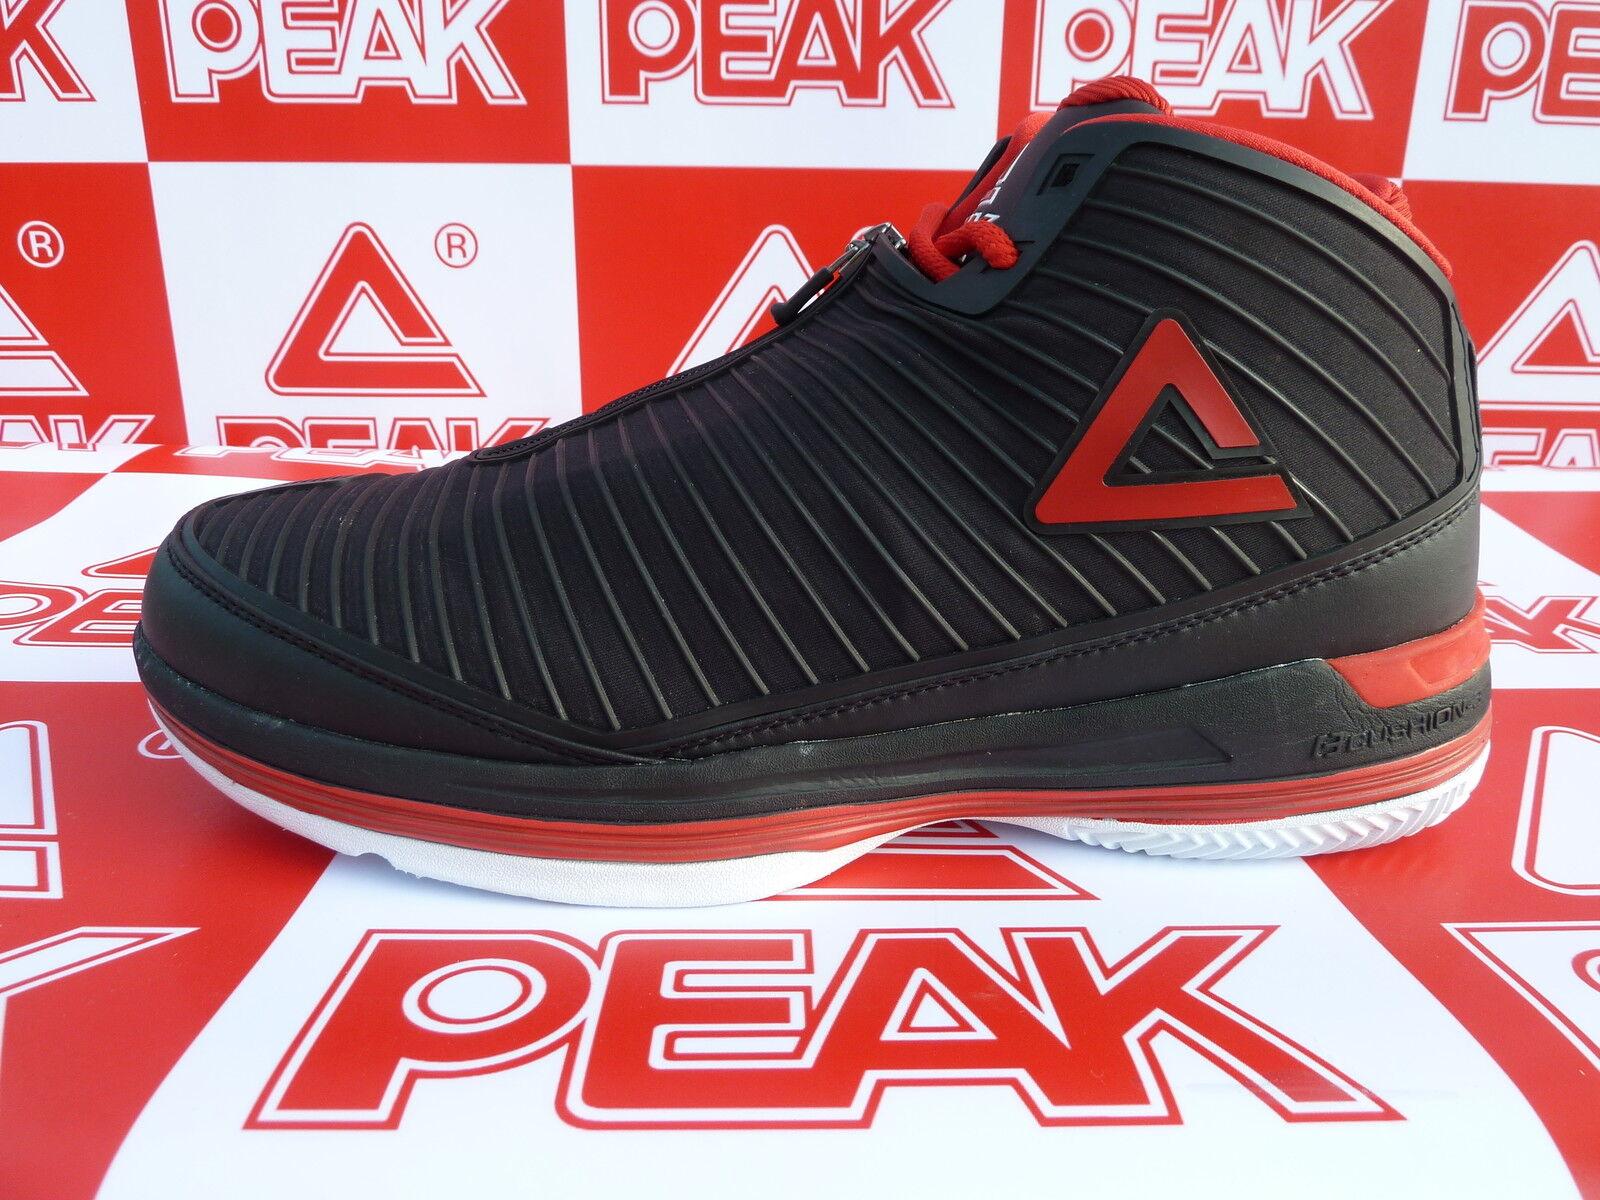 Peak basketball sneaker sneaker sneaker baskets pointure ue 39 40 41 42 43 44 rrp £ 69.99 4e21ec